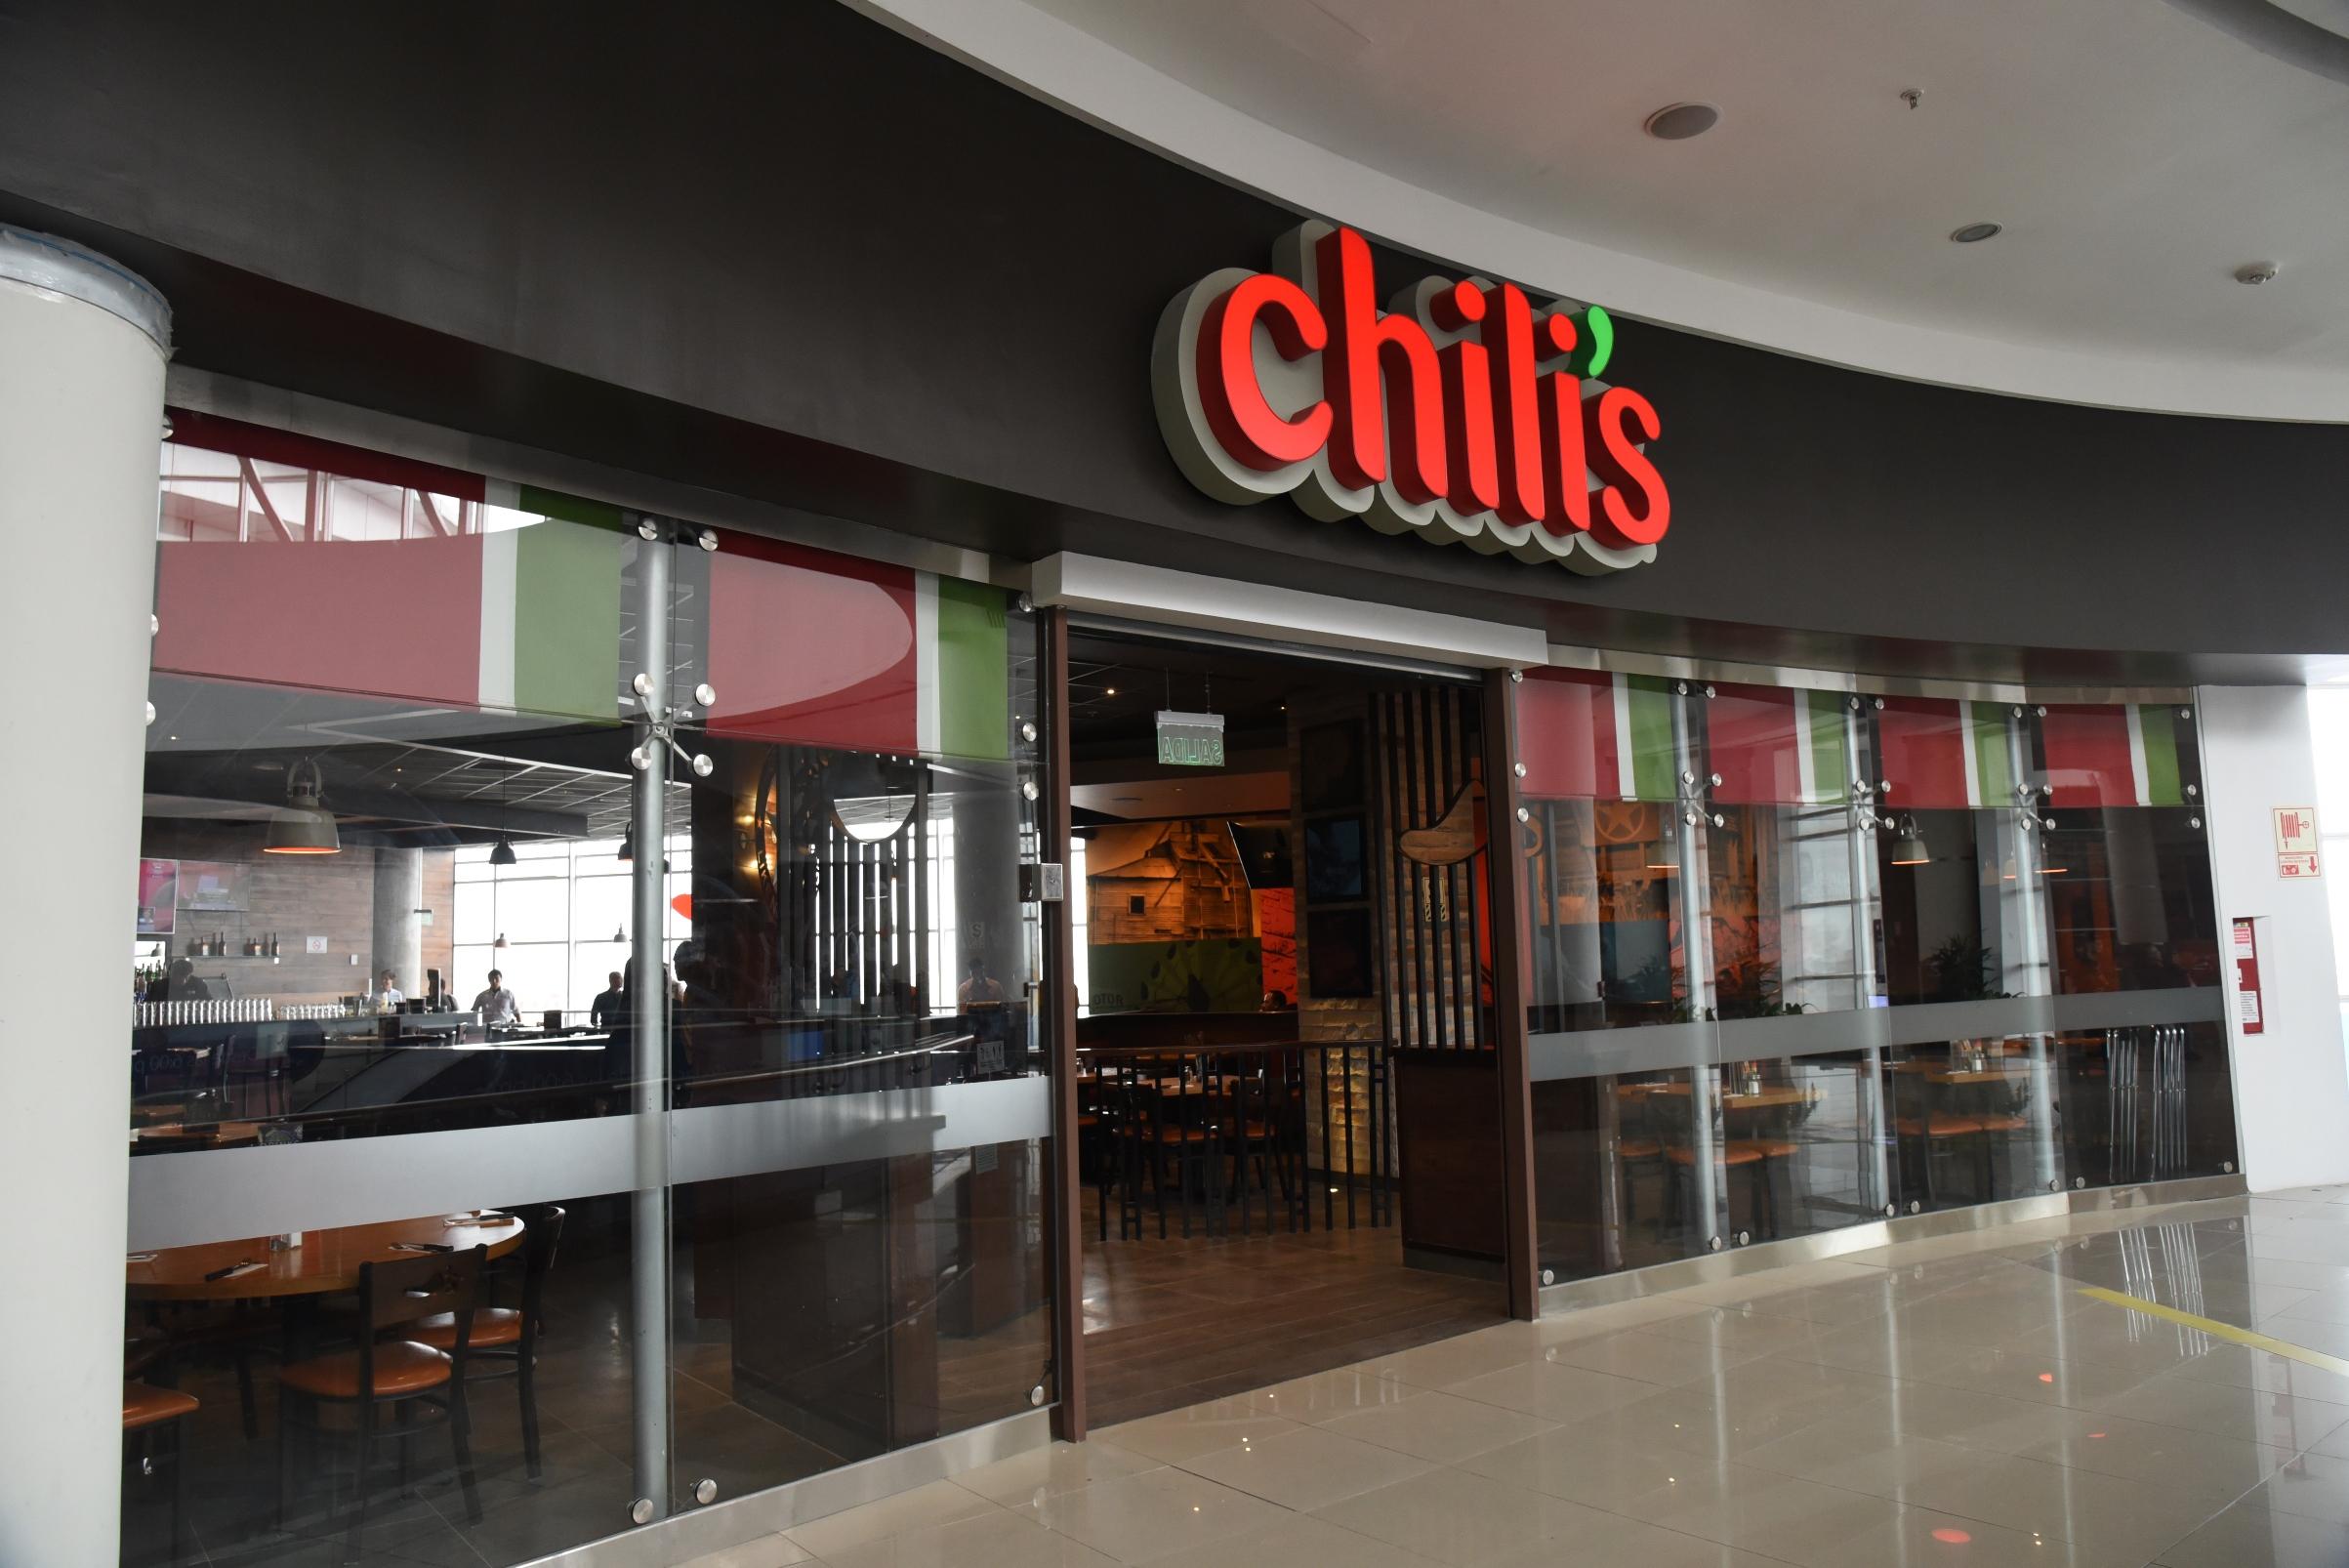 chilis open plaza 3 - Chili's abre un nuevo local en el centro comercial Open Plaza Angamos